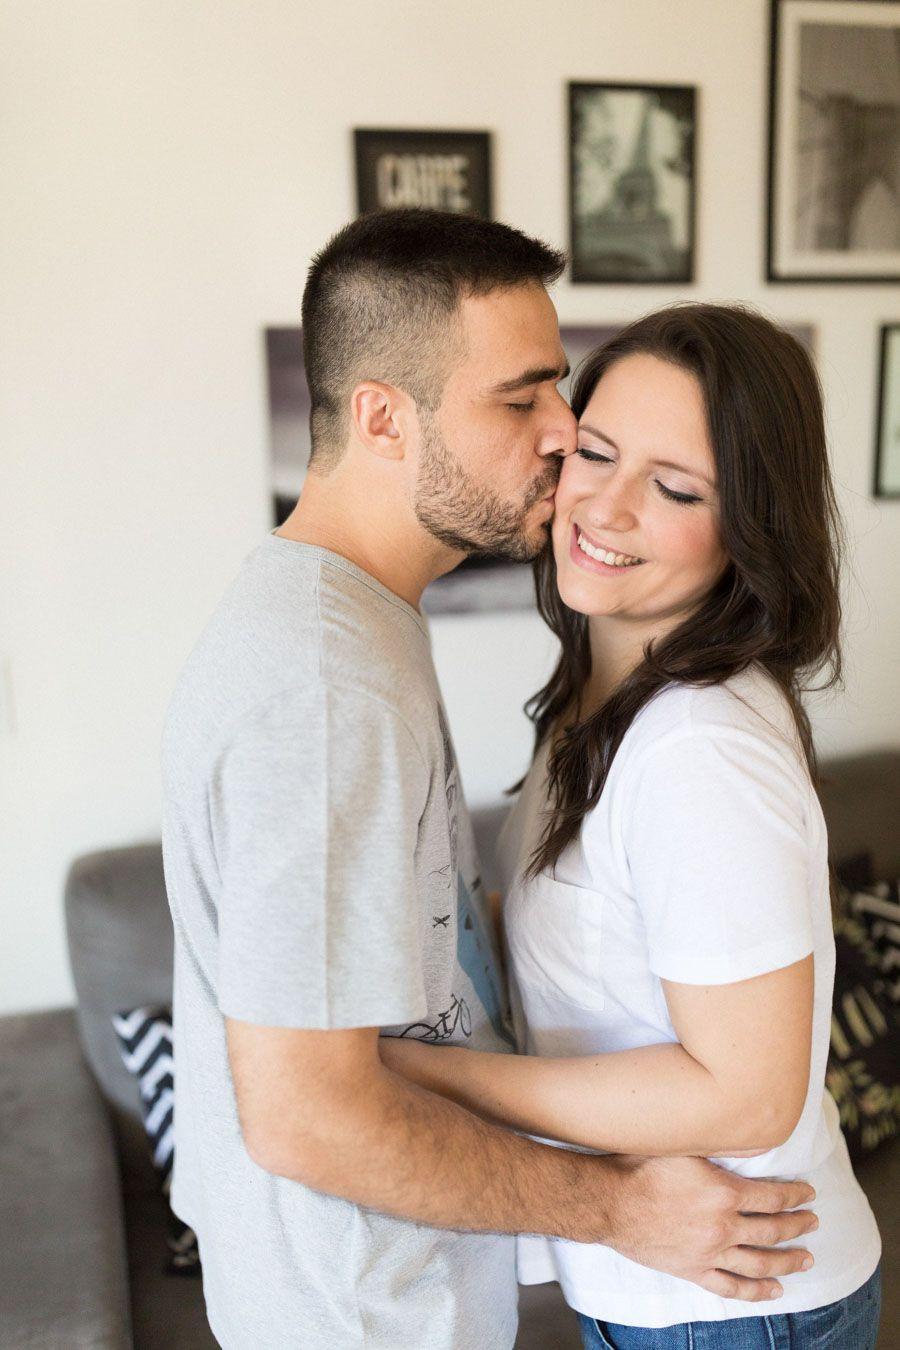 Ensaio de Casal de Bianca e Marcel | Ensaios e Editoriais ...